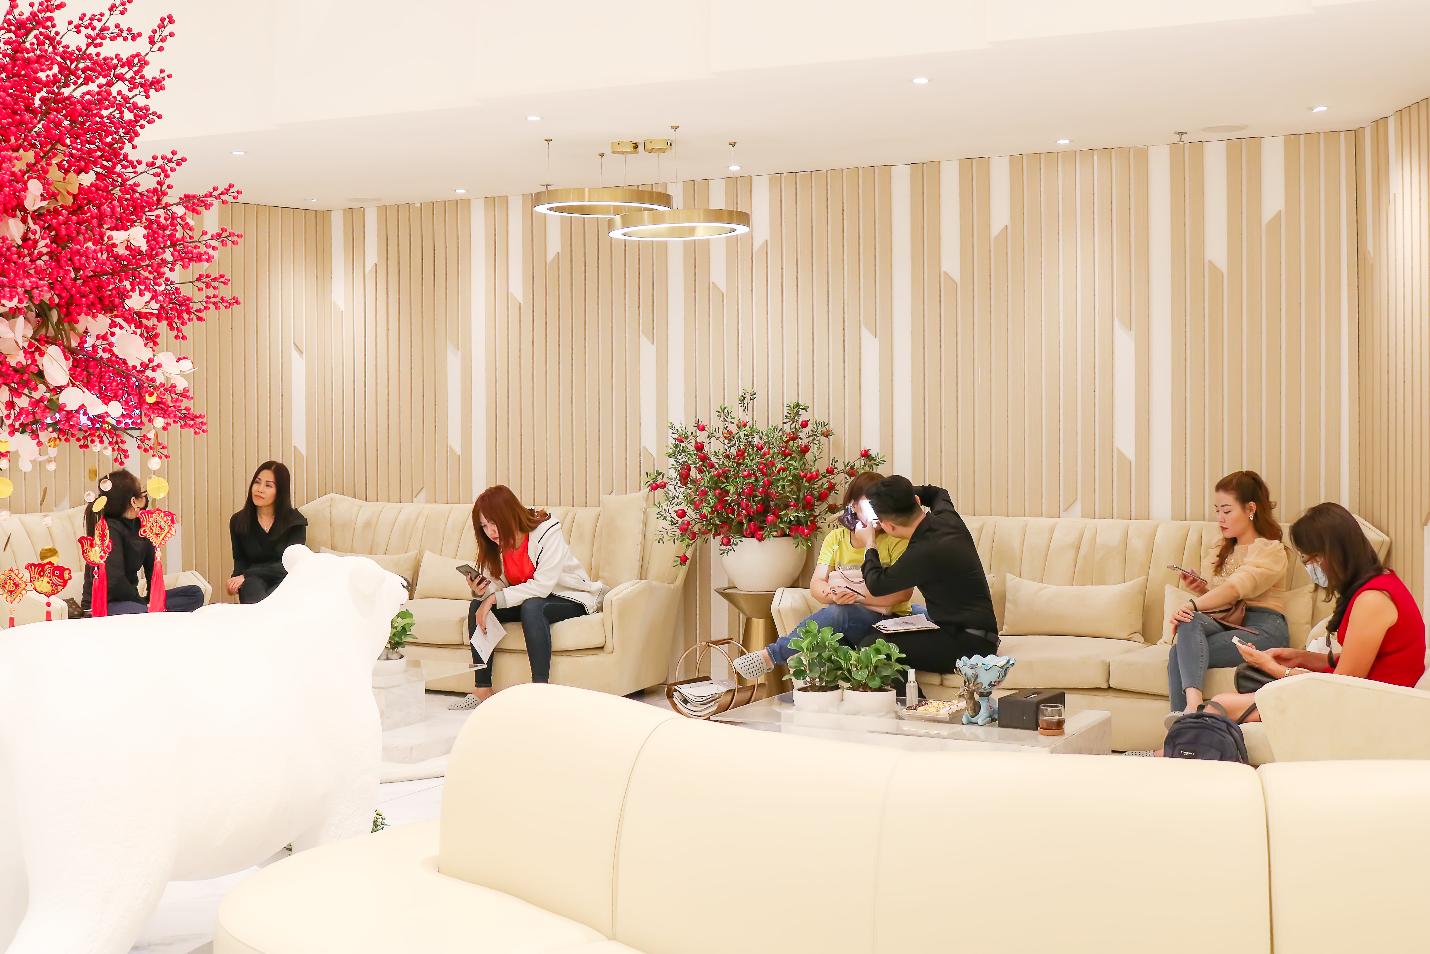 Aqua Clinic: Địa điểm làm đẹp uy tín lâu năm tại Sài Gòn - Ảnh 4